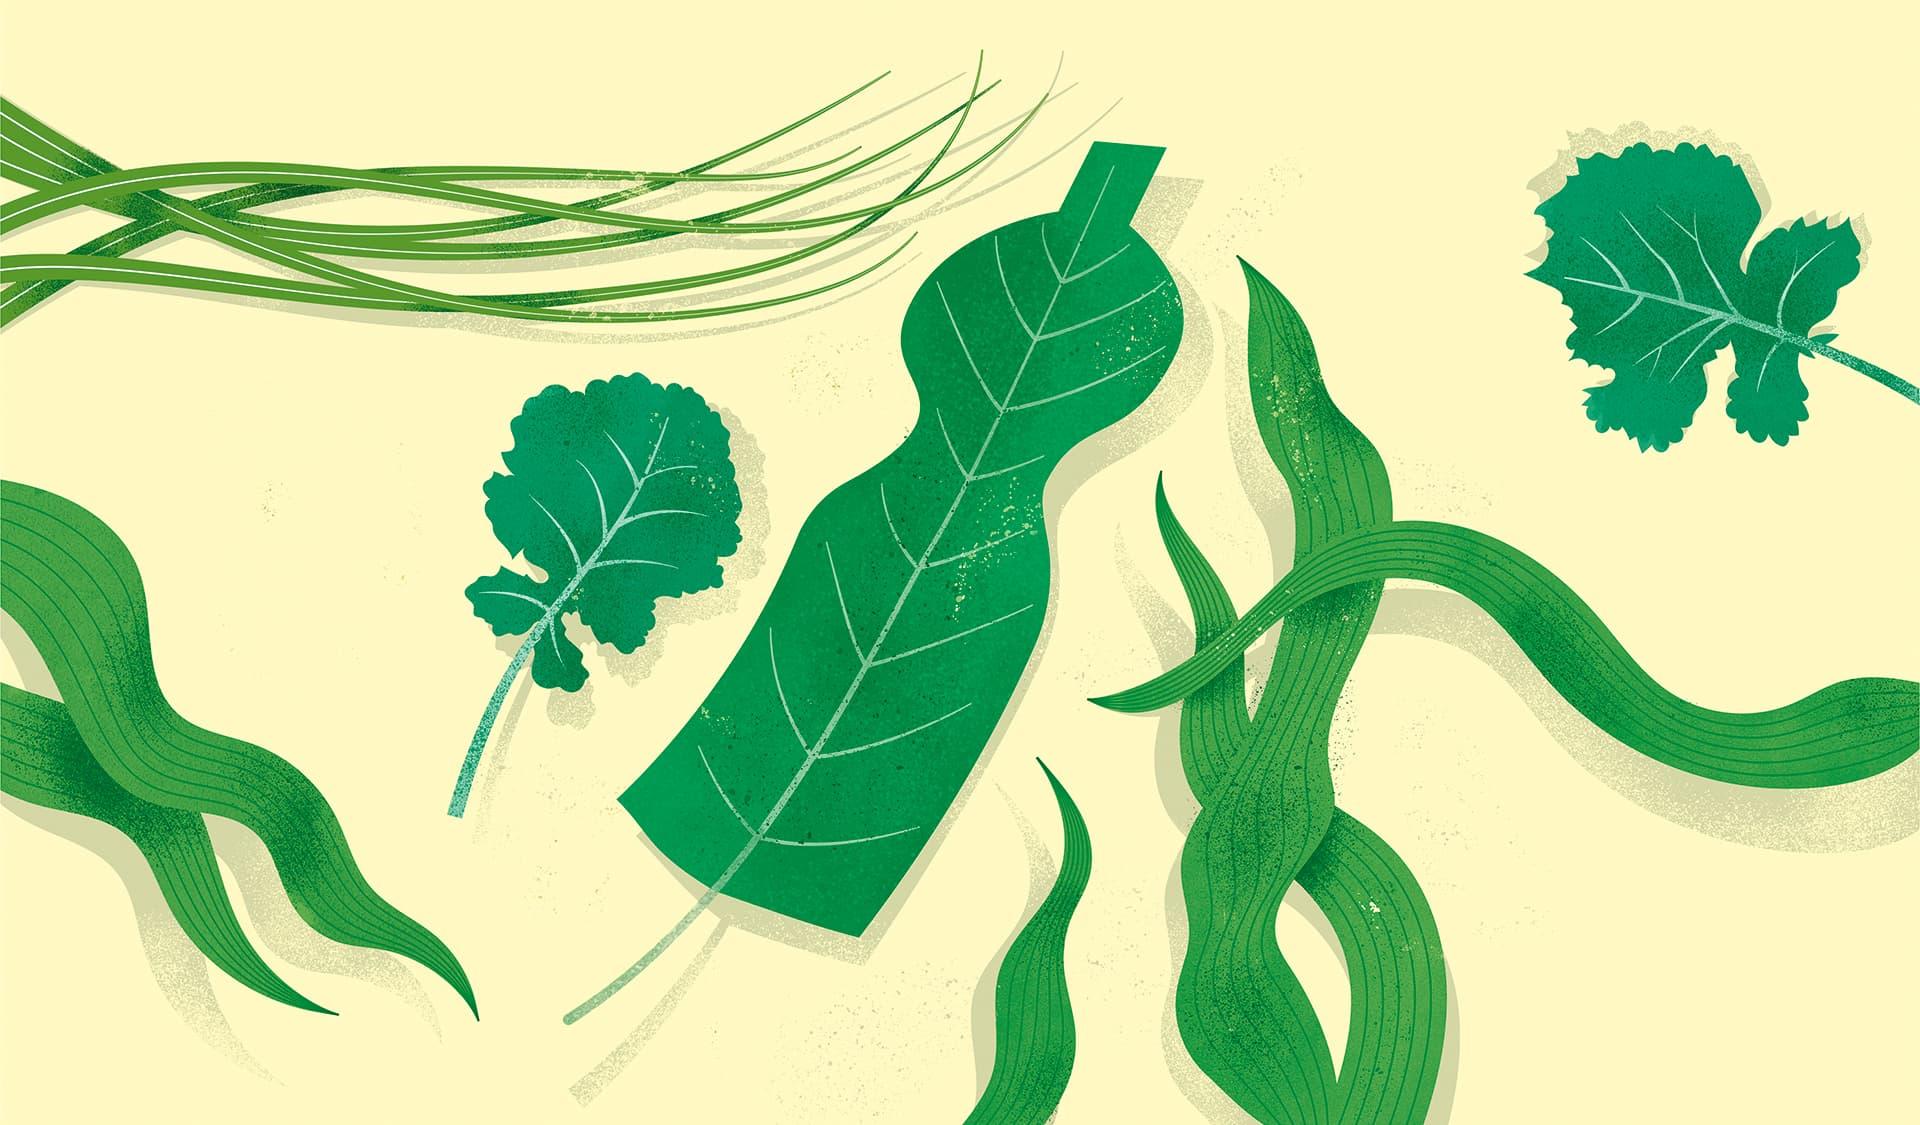 Illustration von Blättern, die wie Plastikflaschen aussehen.